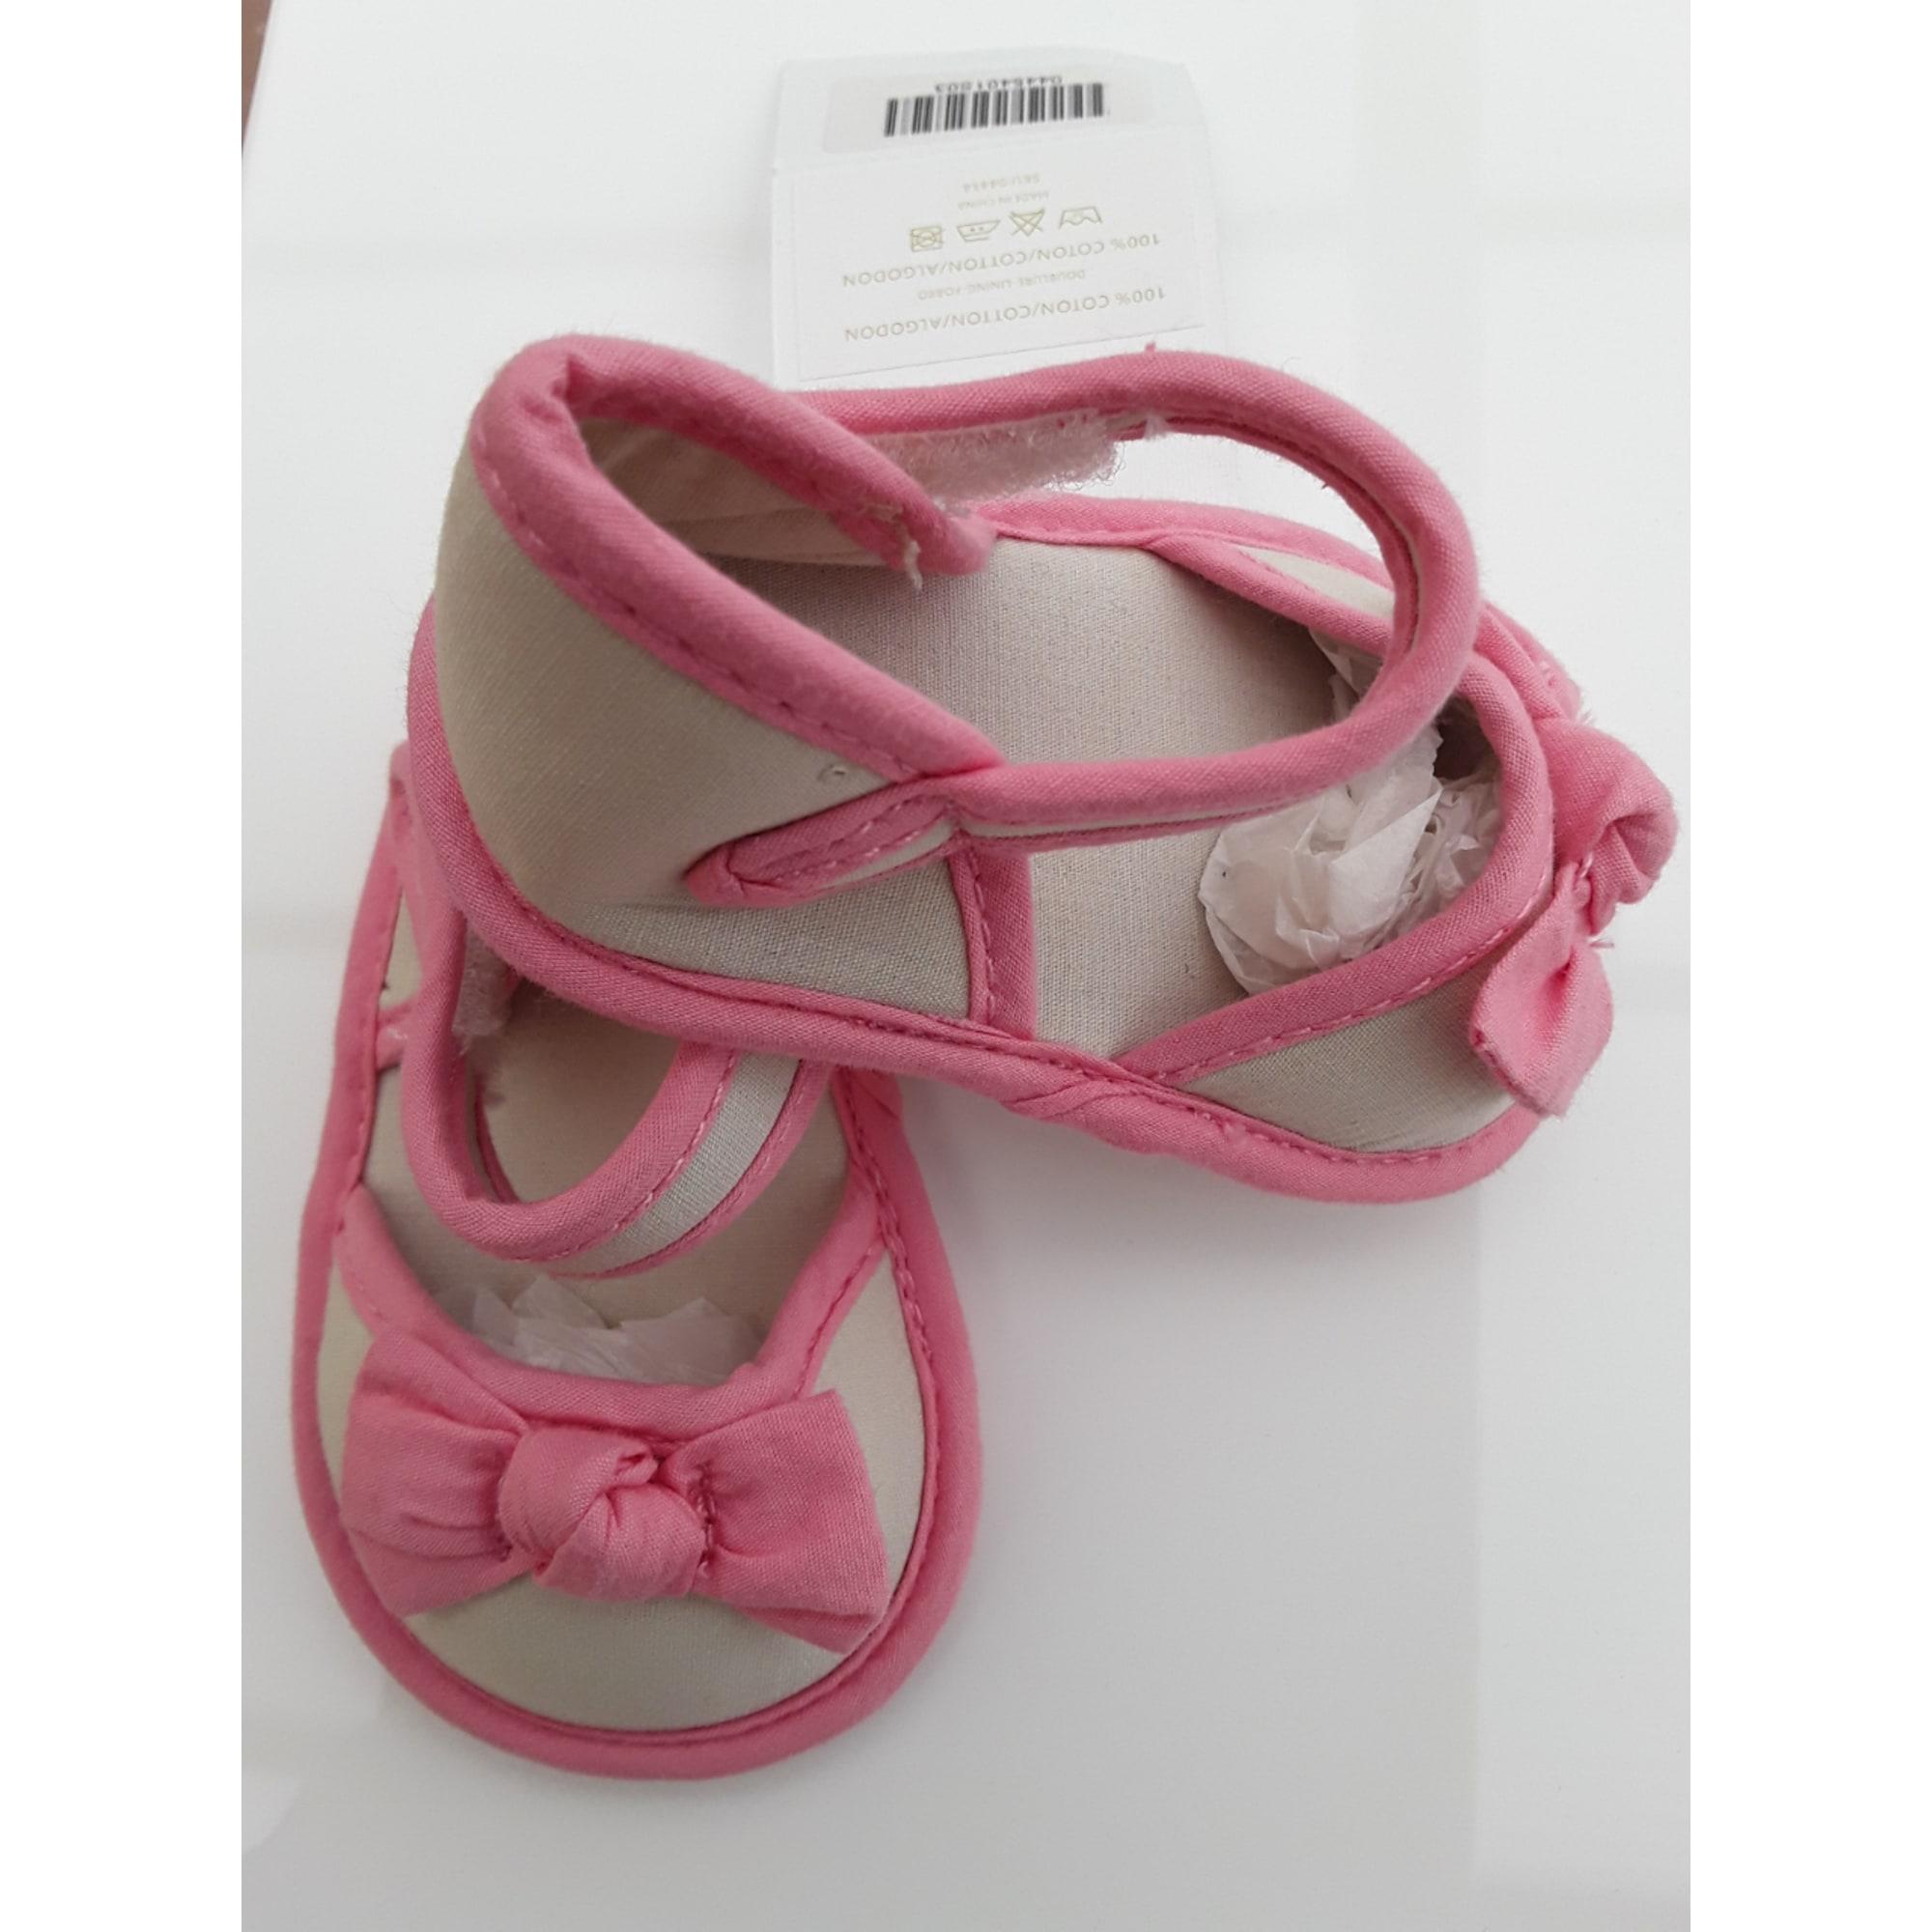 Sandales CHÂTEAU DE SABLE Beige/Rose